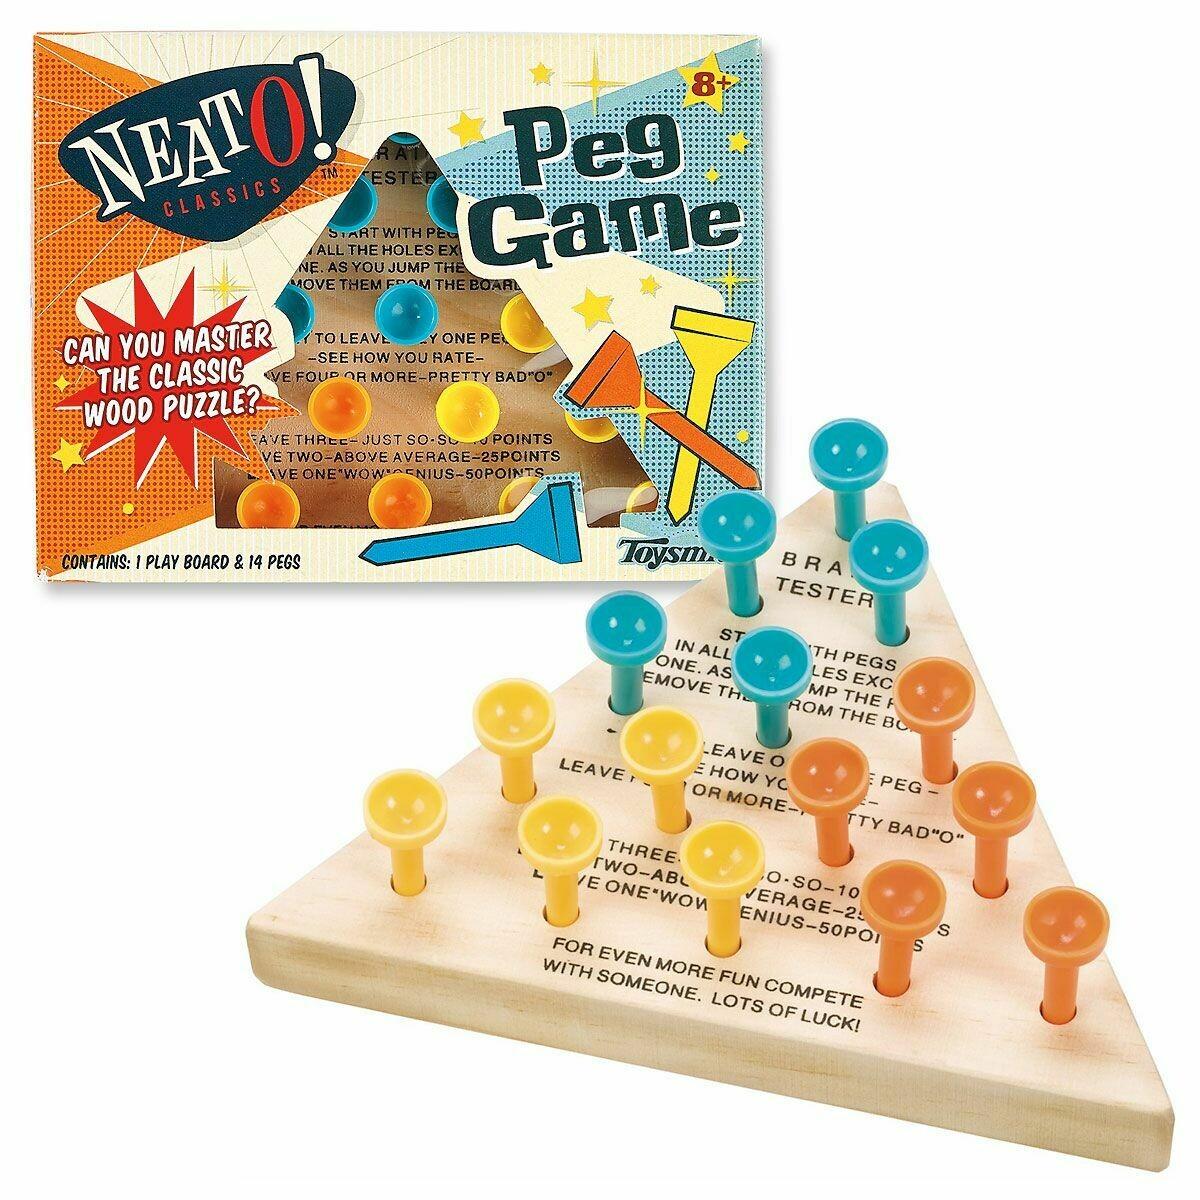 Neato Classics Peg Game